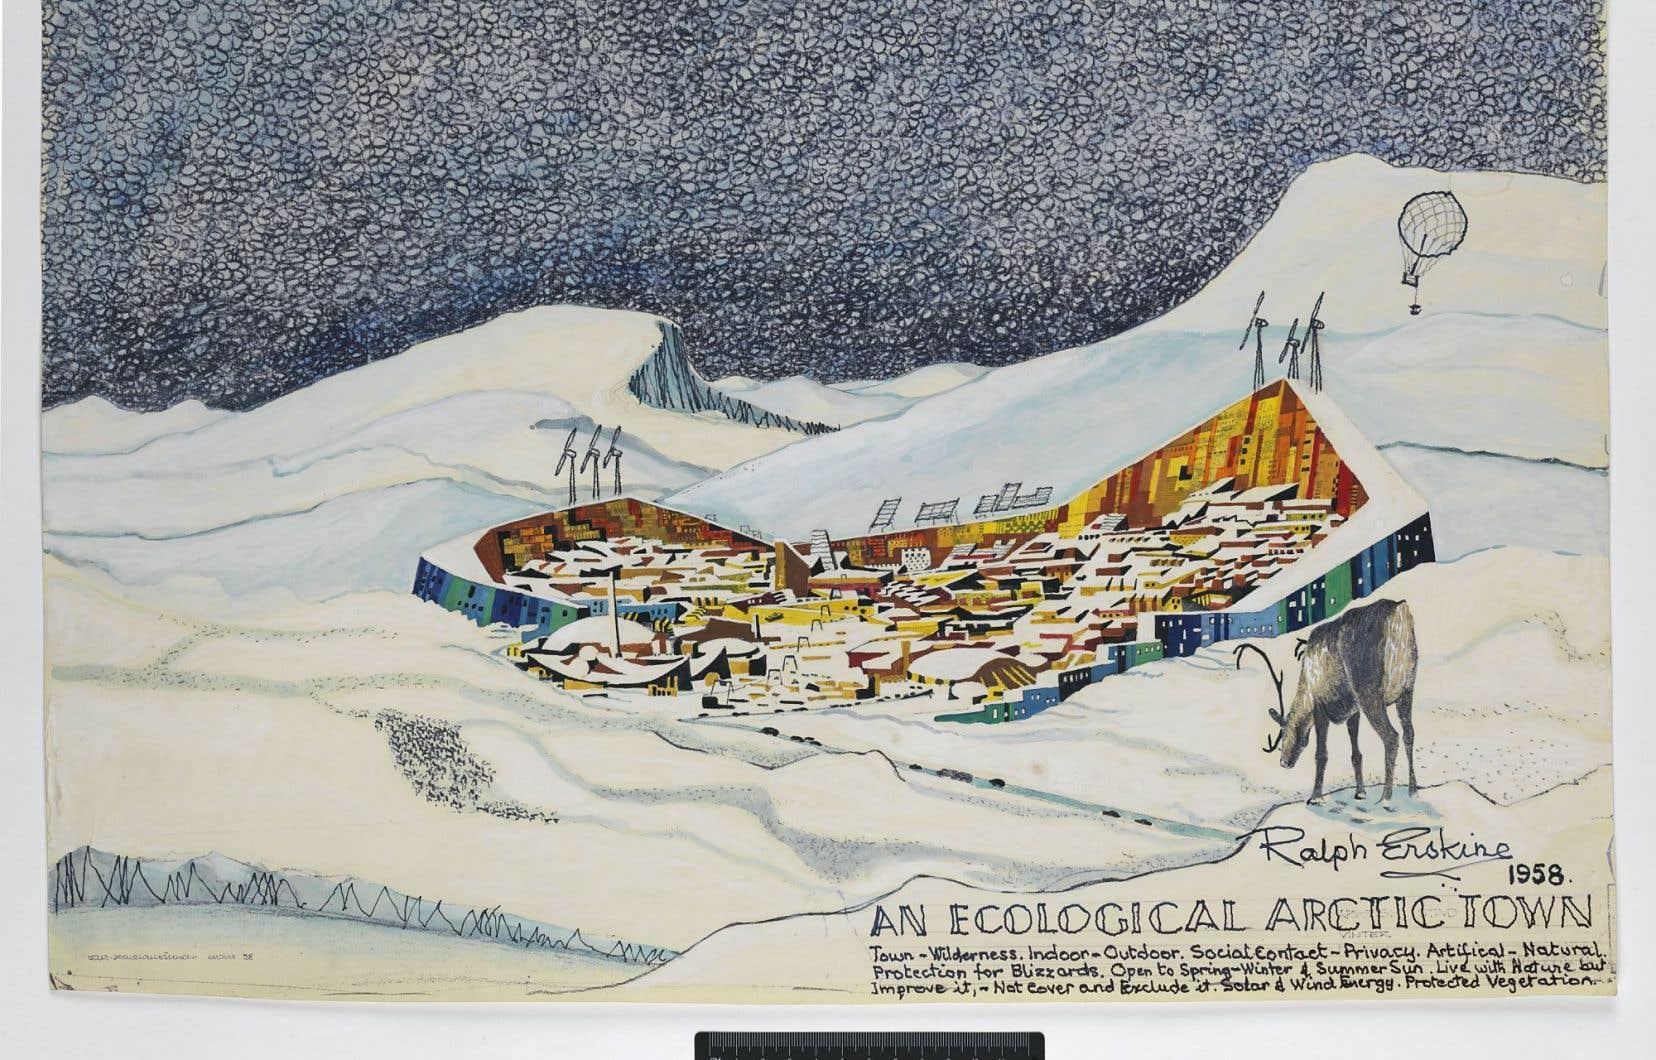 Le croquis en perspective du prototype d'une ville cernée de murailles dans l'Arctique, plus tard réalisé pour la baie de Resolute, de Ralph Erskine